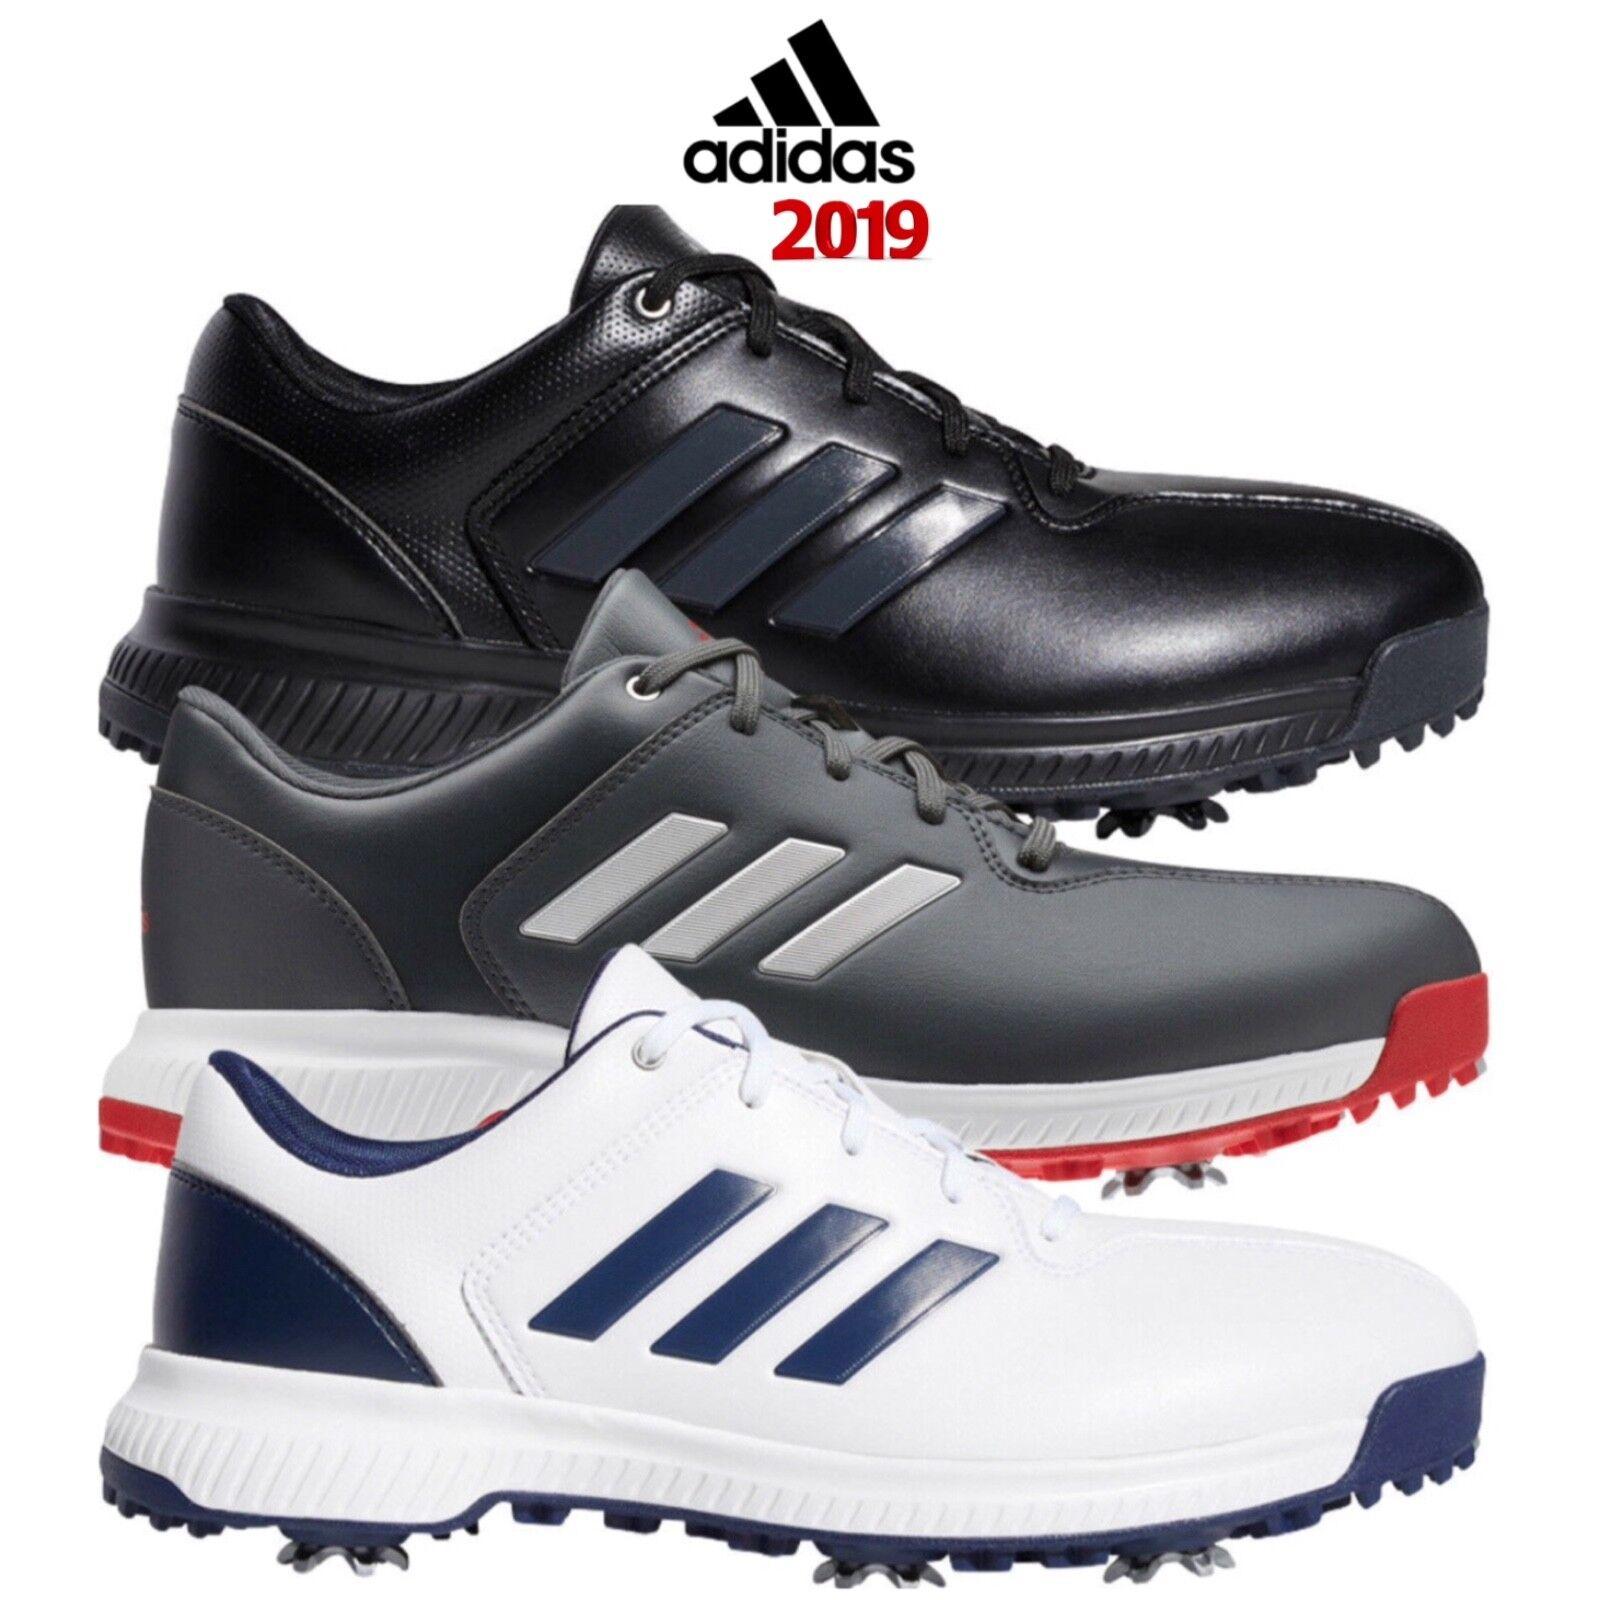 Details zu Adidas Golf CP Traxion Herren Weite Passform Wasserfest Pieken Leder Schuhe 2019